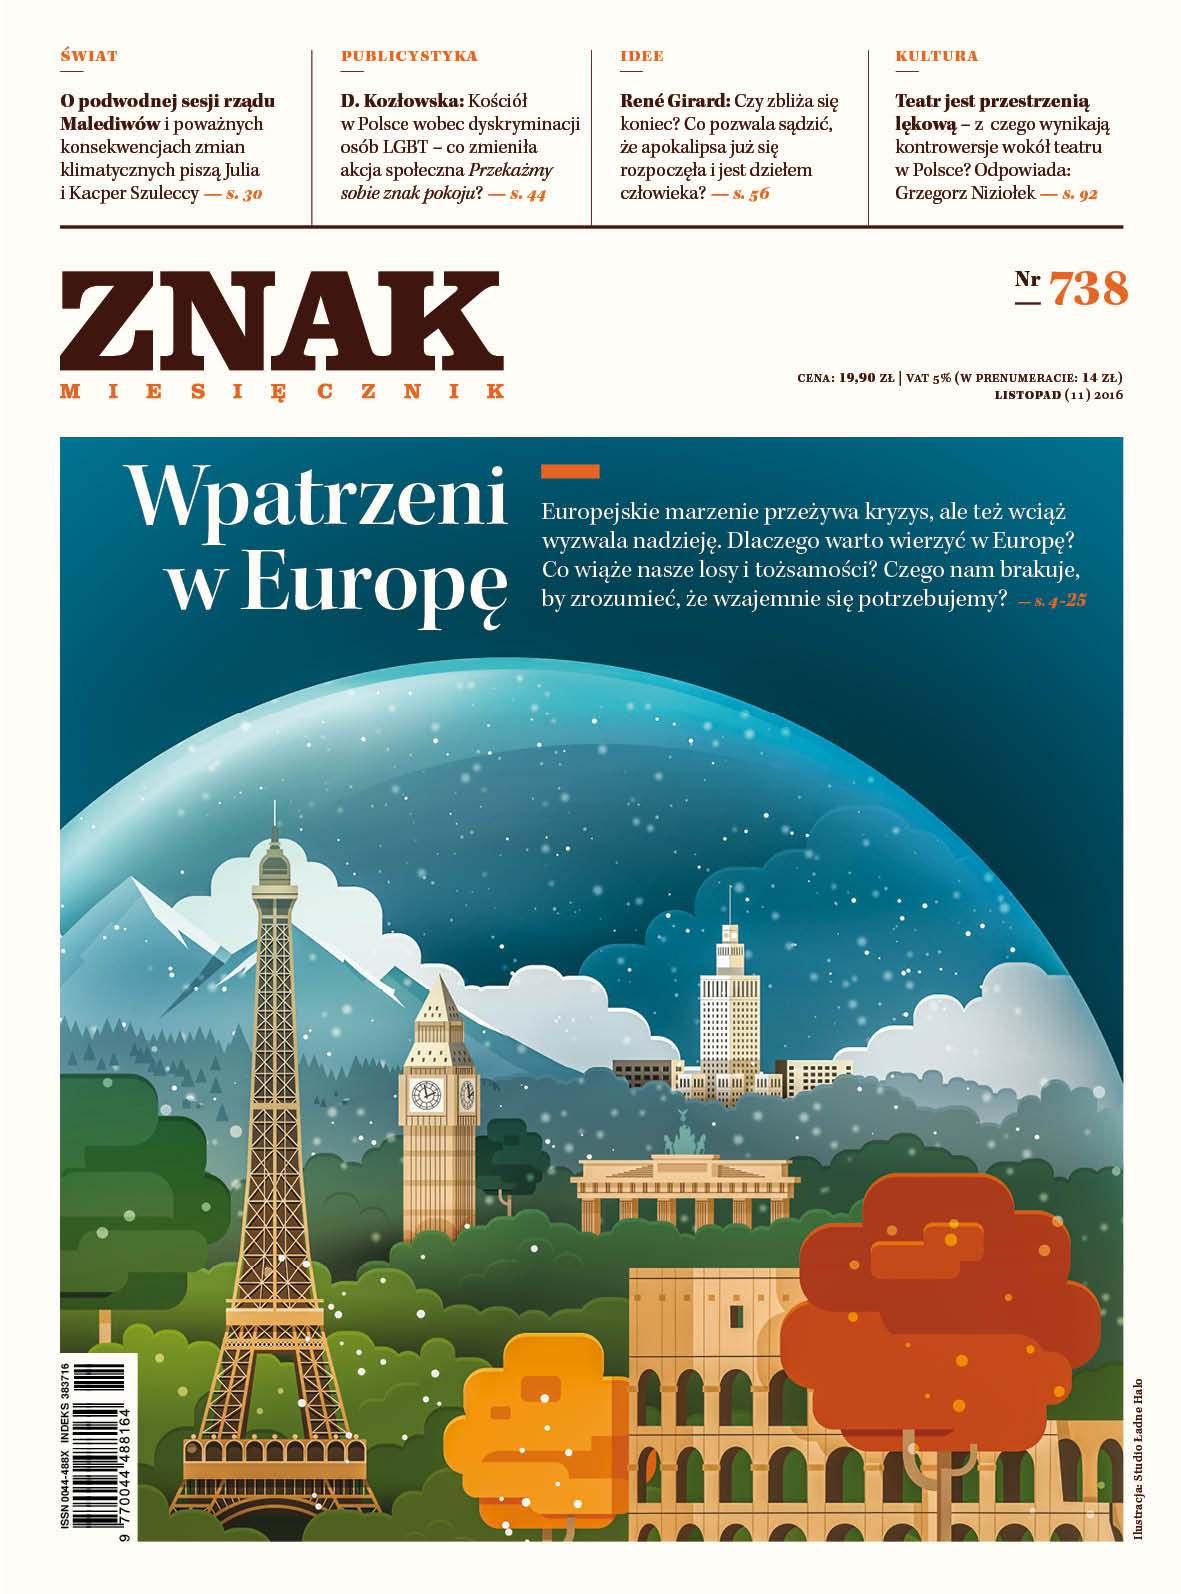 Miesięcznik Znak nr 738: Wpatrzeni w Europę - Ebook (Książka PDF) do pobrania w formacie PDF